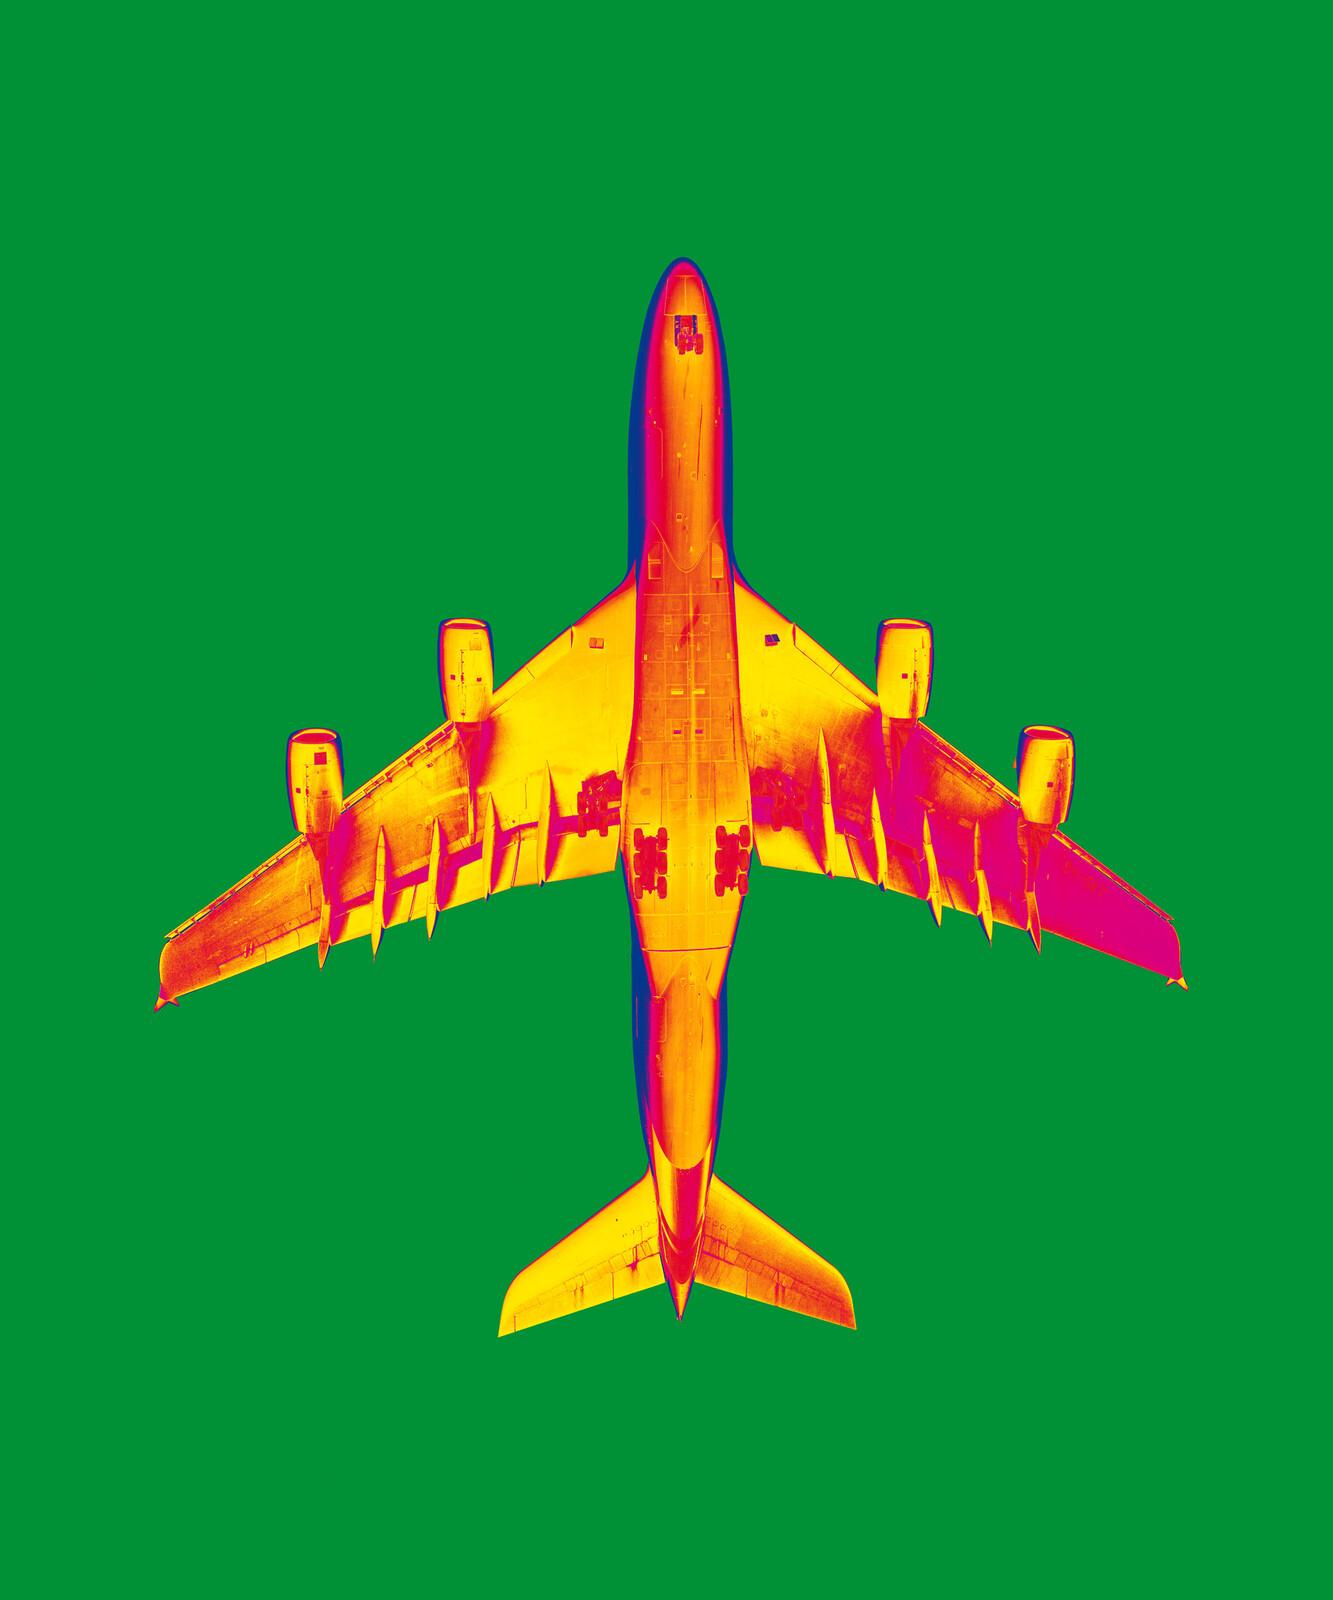 plane_06_15_100b - Thomas Eigel